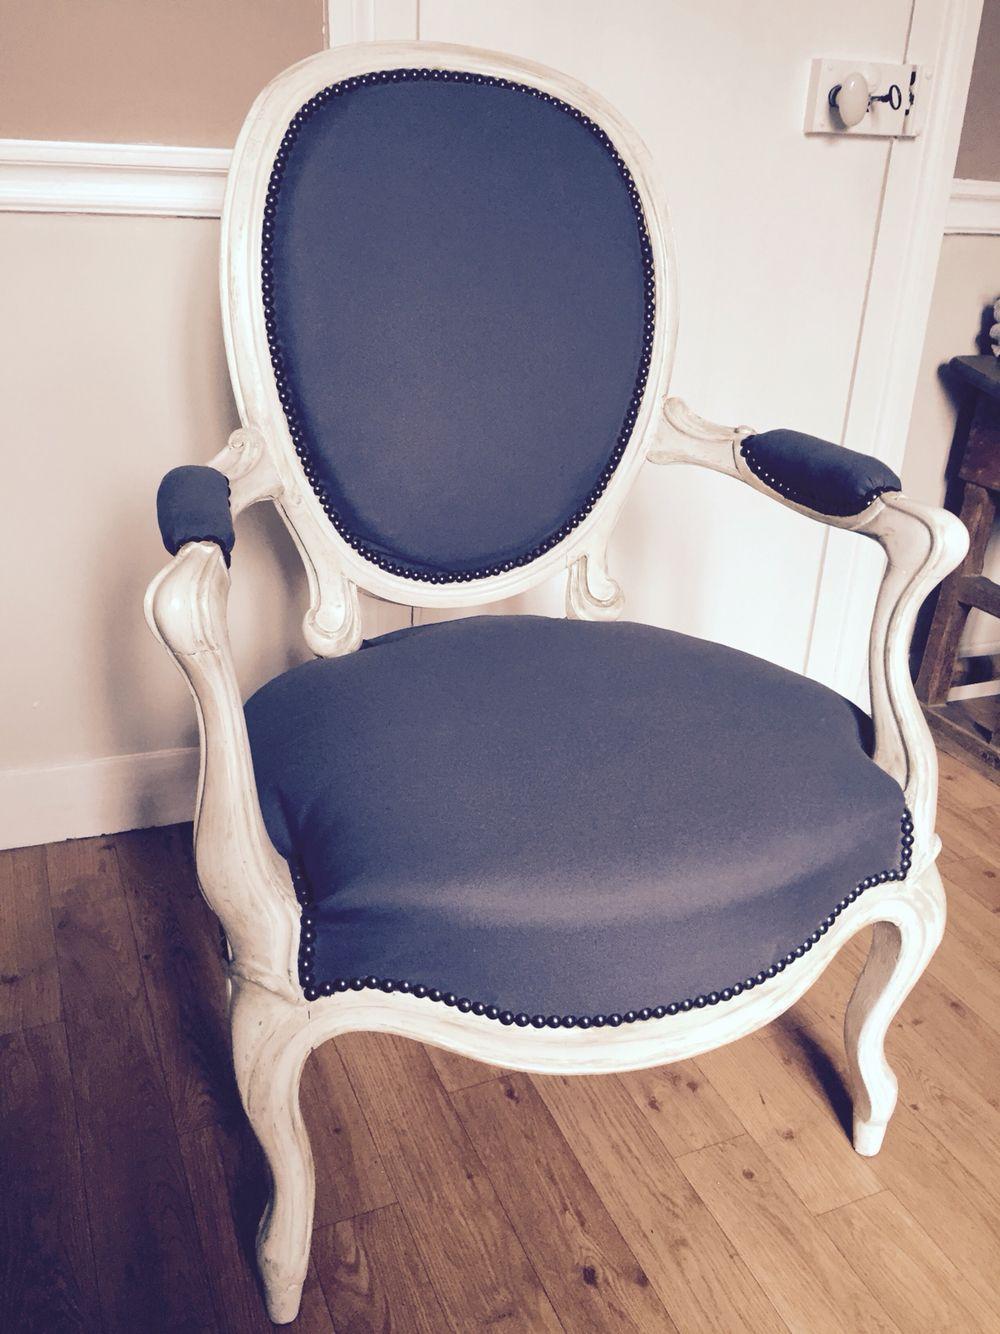 fauteuil m daillon louis philippe restauration fauteuils. Black Bedroom Furniture Sets. Home Design Ideas